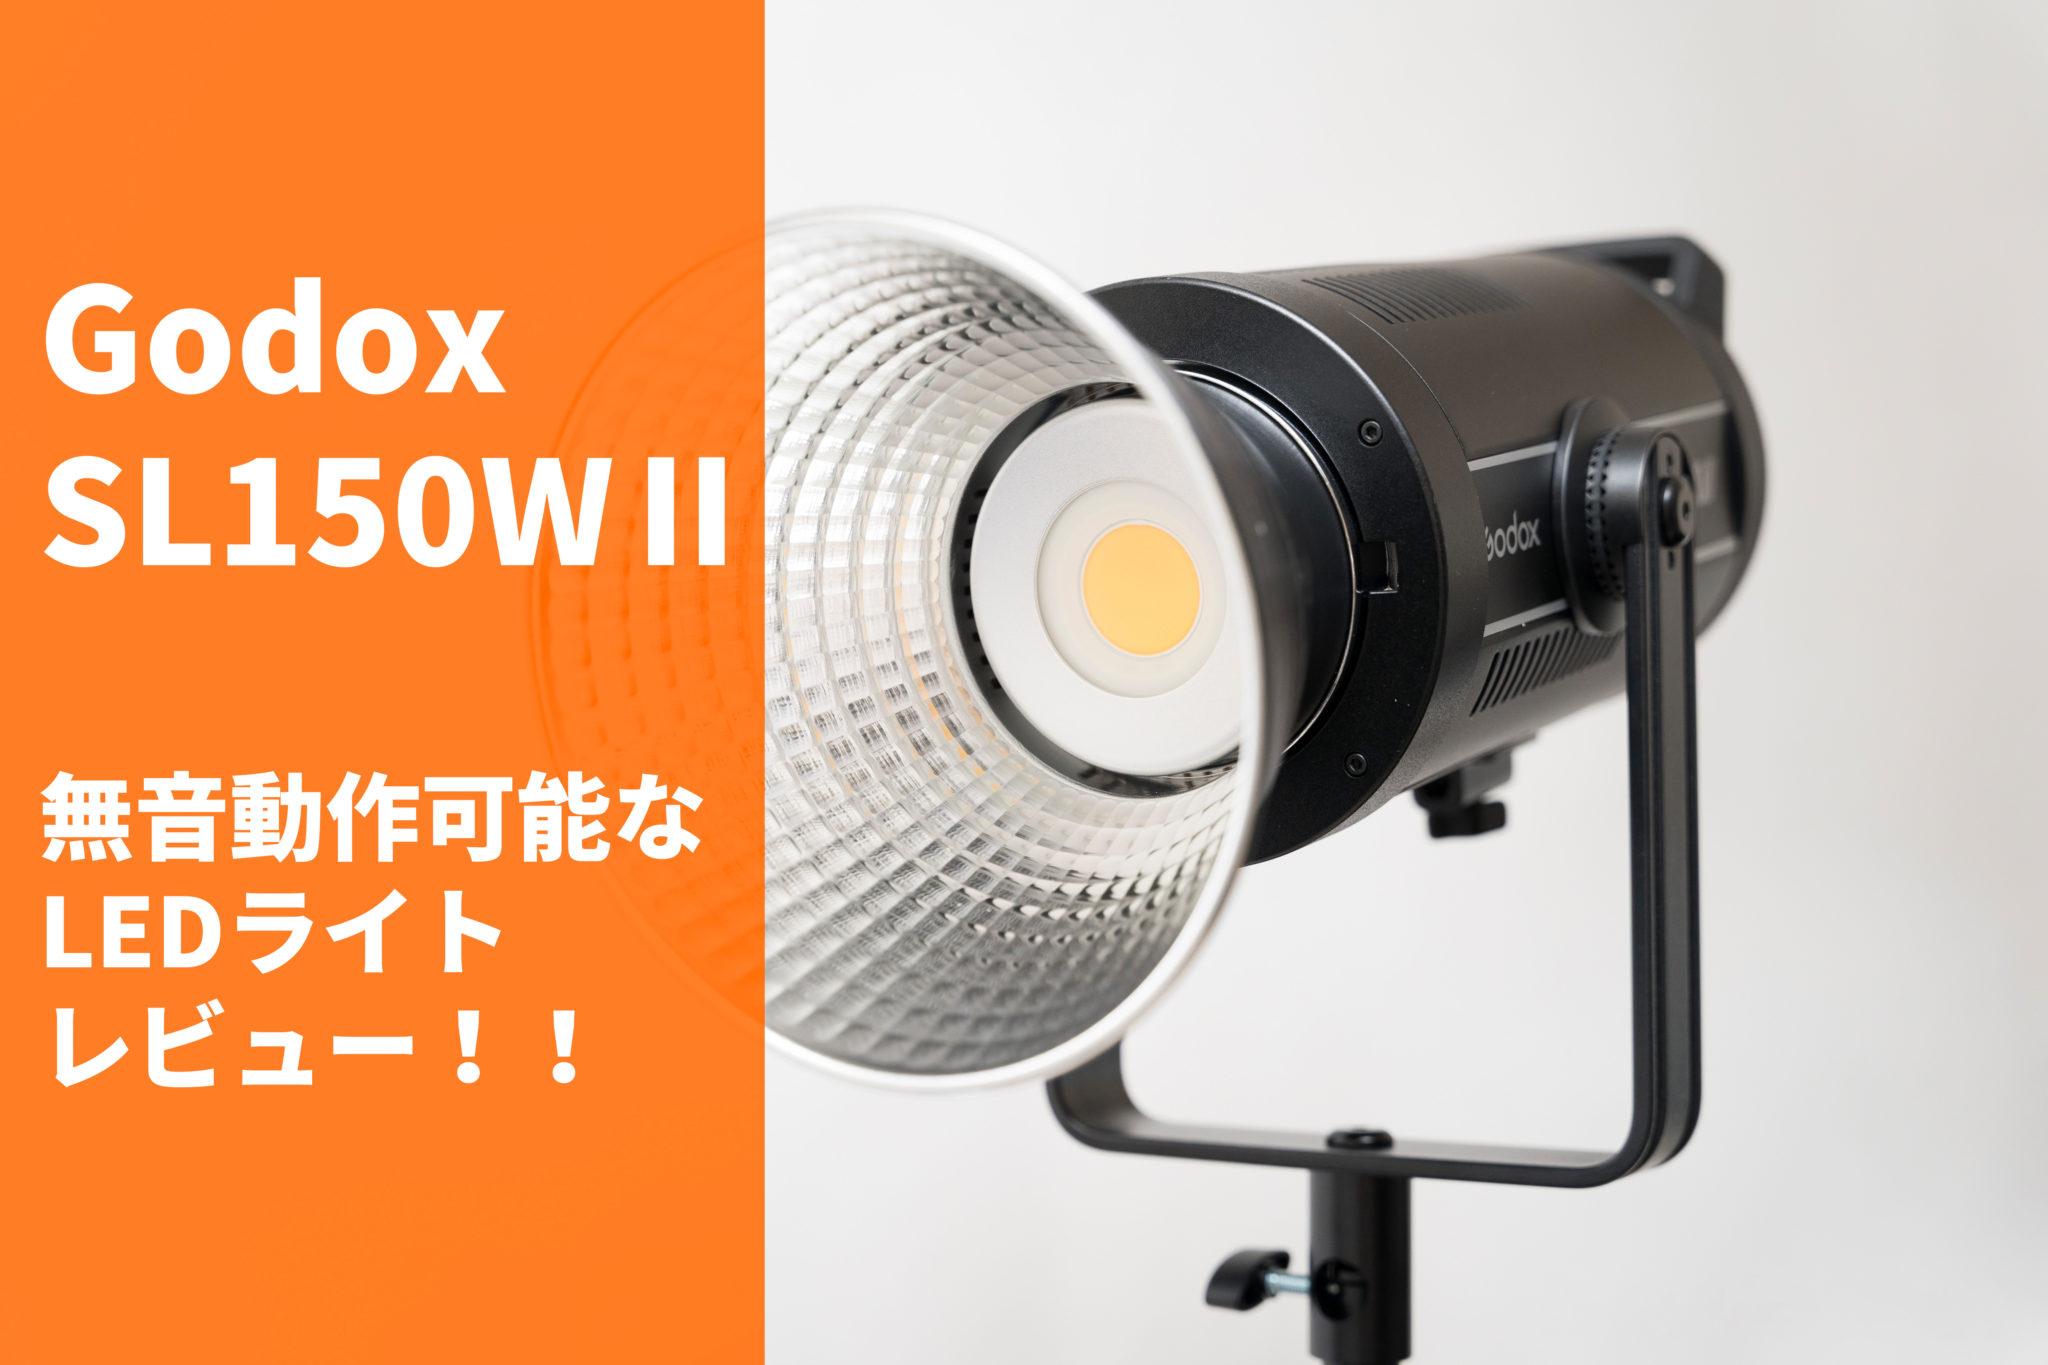 ファンの音がしない!?150wLED照明!Godox SL150wⅡの開封&ファーストインプレッションレビュー!